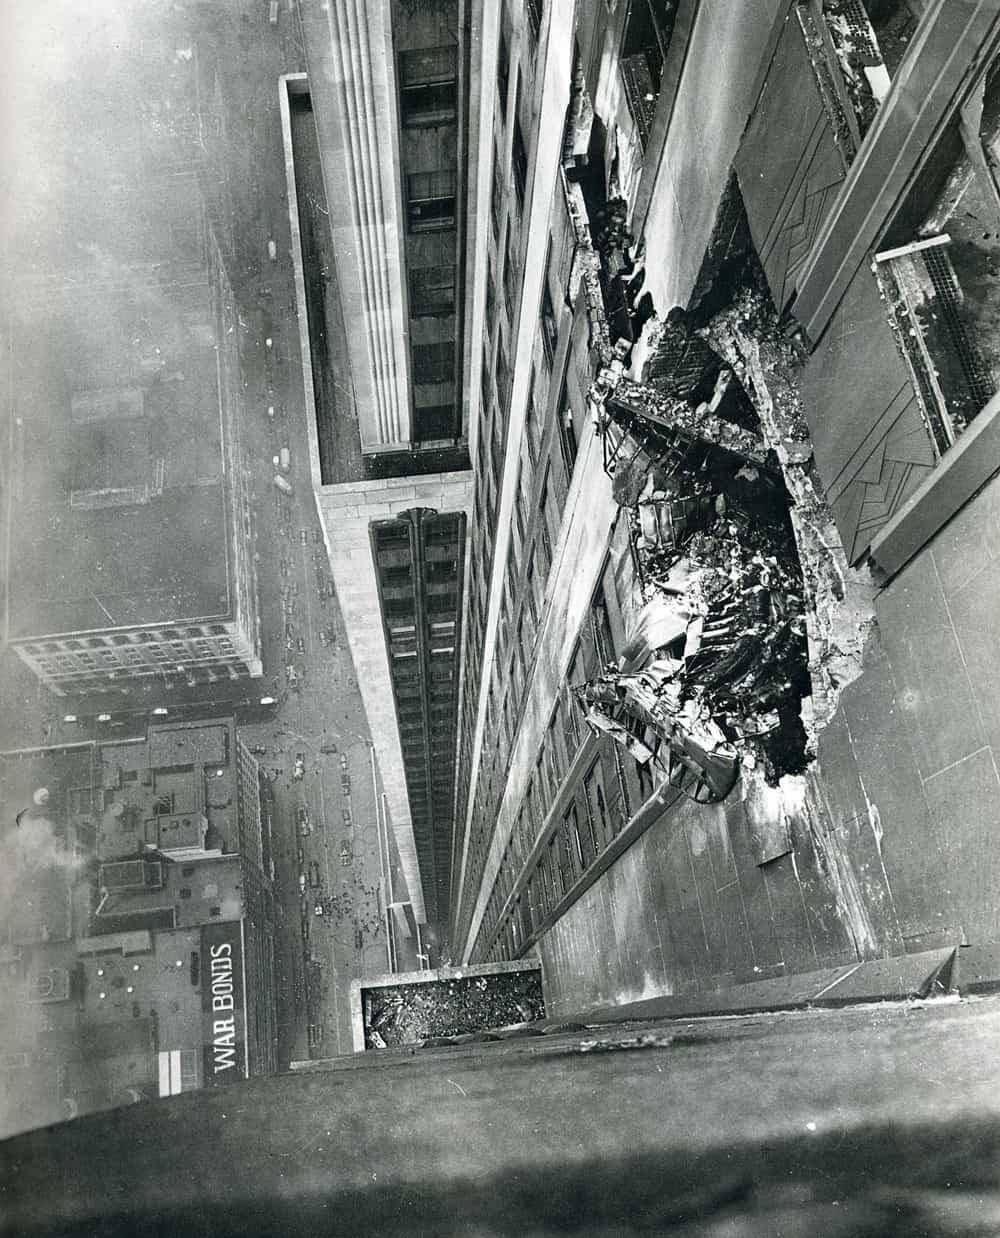 Góc nhìn từ phía bên trên vụ va chạm, bức ảnh còn cho thấy Betty đã phải rơi thang máy ở độ cao như thế nào.